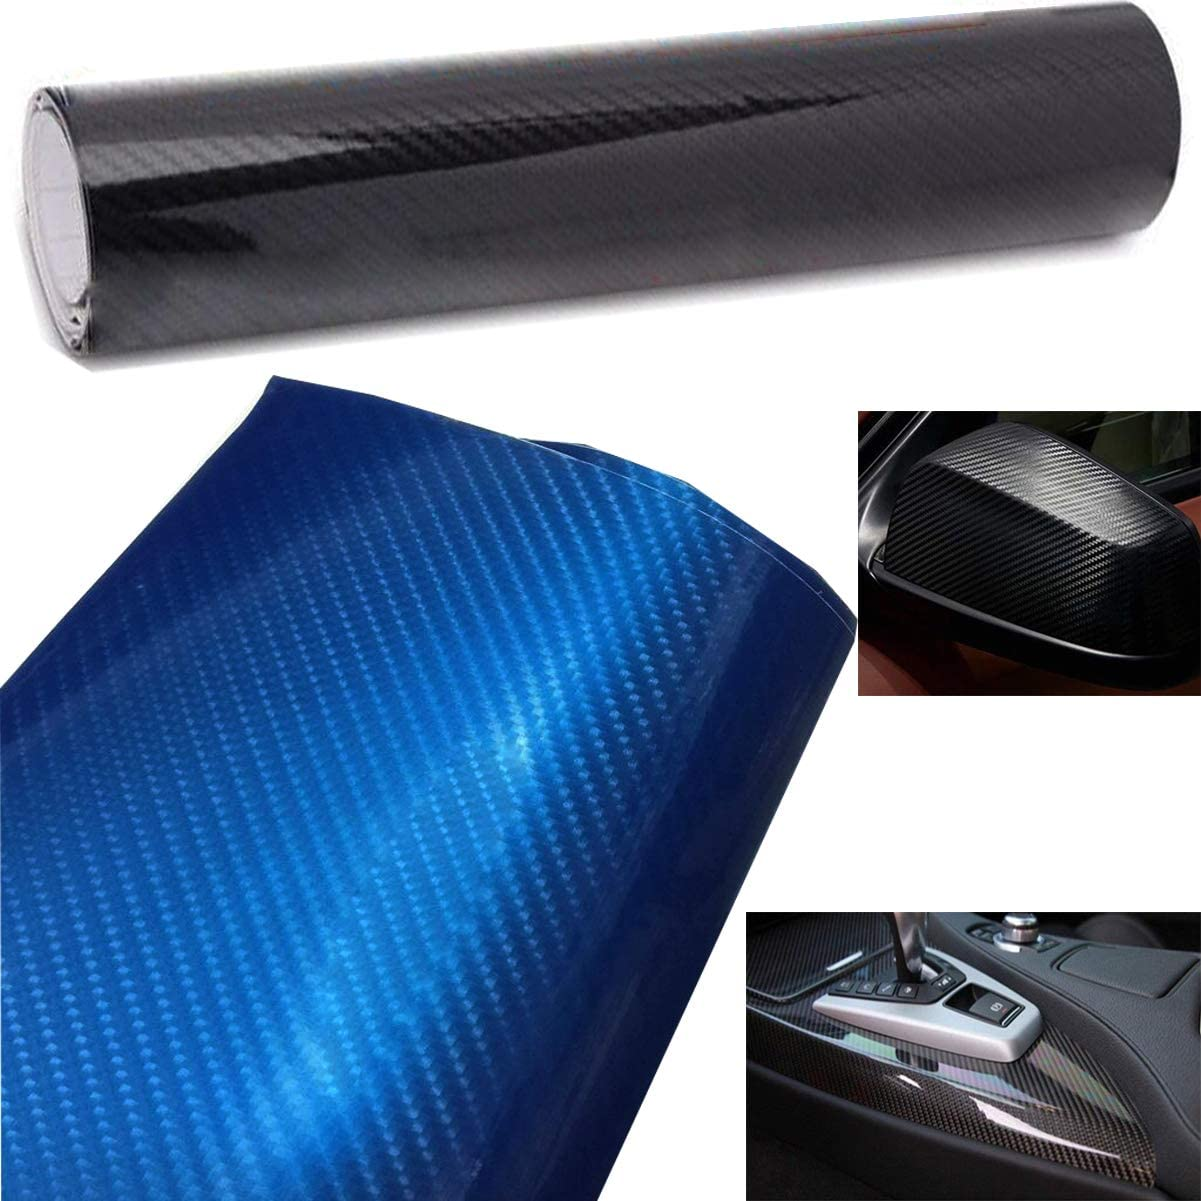 Liuer Adesivi Auto 6D Pellicola Adesiva Carbonio Rivestimento Adesivo Adesiva Fai da Te per Auto Car Stickers Wrapping Auto e Moto 152CMx20CM Nero,Blu